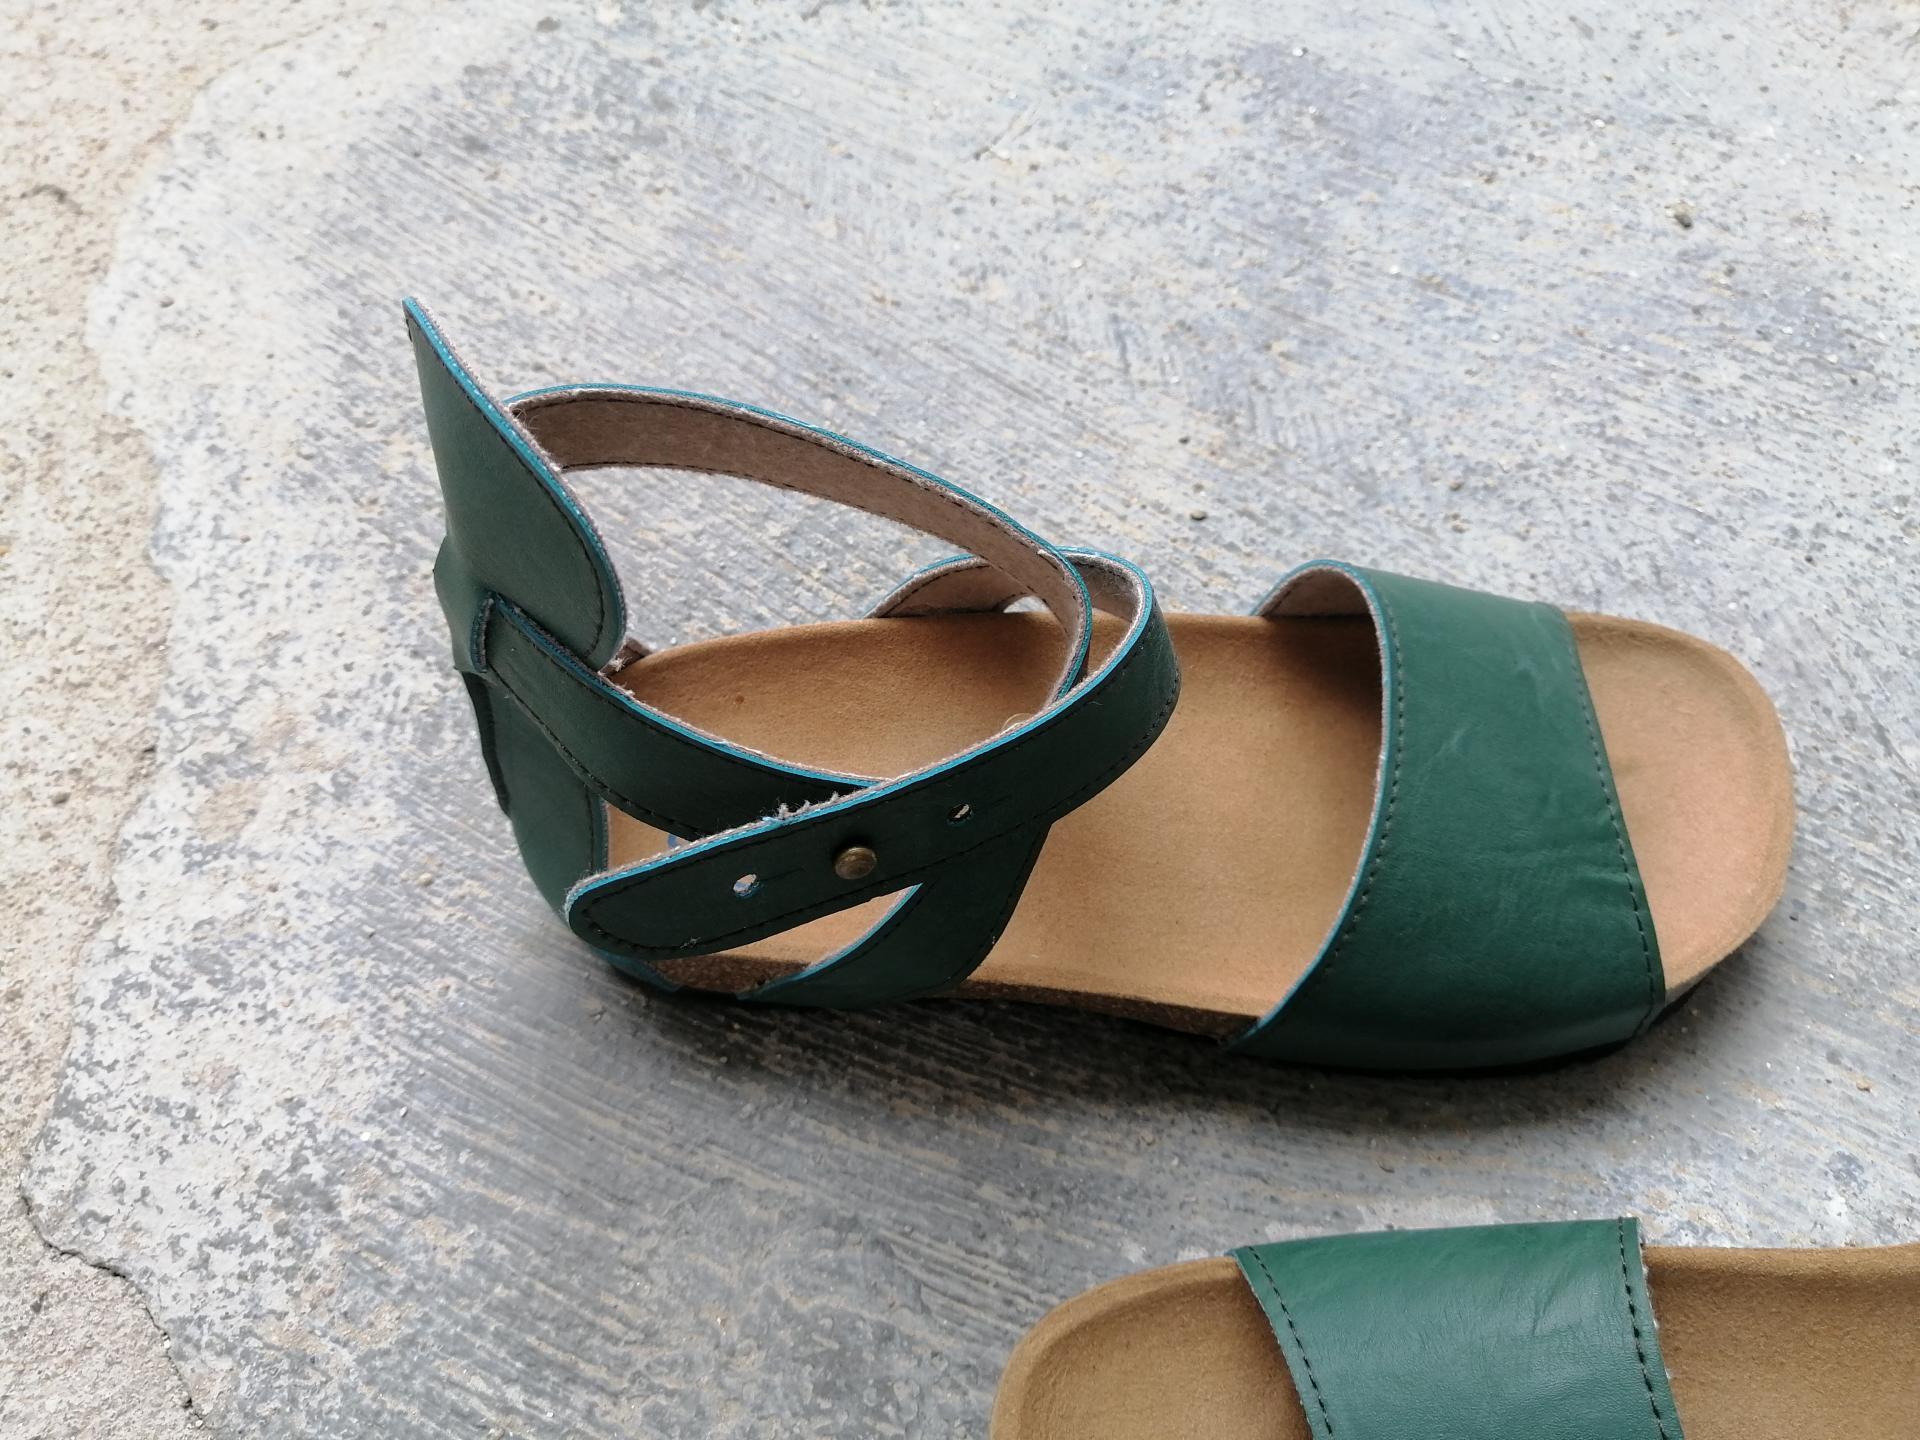 LAVINIA MICROFIBRA VERDE, sandalias veganas, sandalias veganas mujer, calzado vegano, sandalias de tacón bajo, sandalias bioworld, vegan shoes.